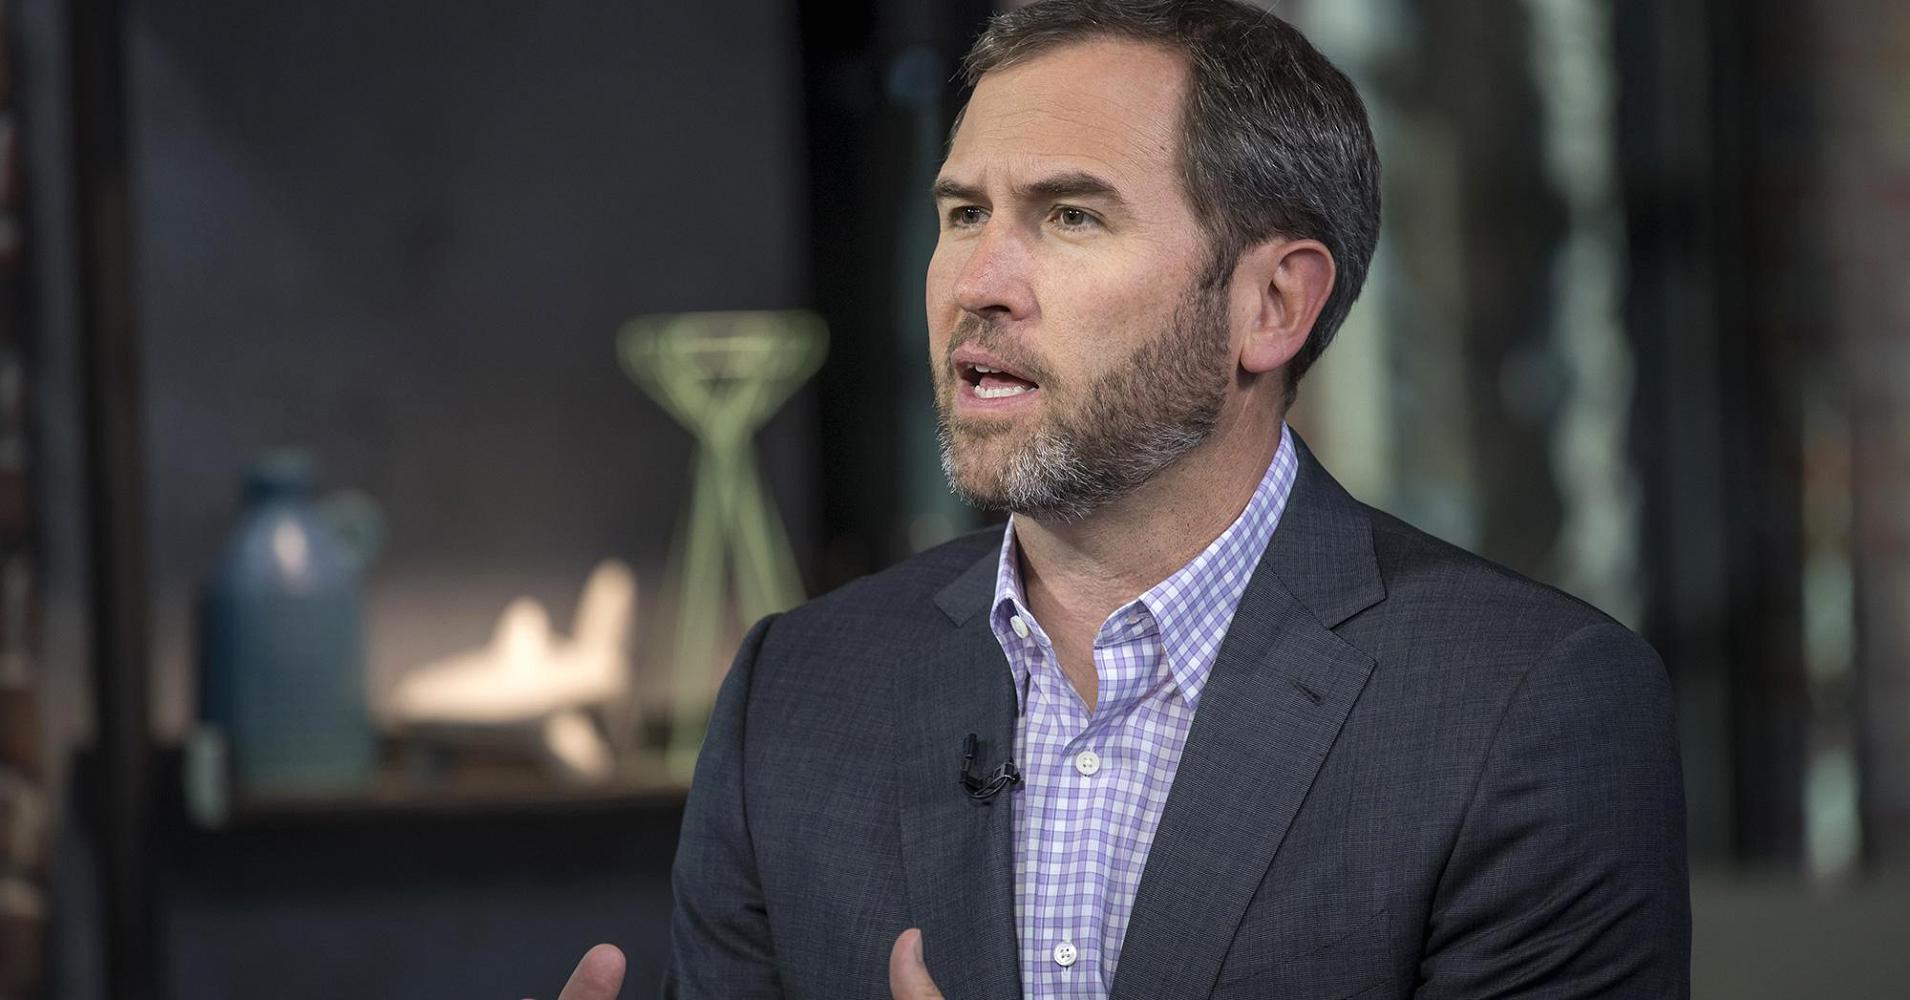 الرئيس التنفيذي لشركة الريبل يوضح سبب لجوء الشركات إلى البيتكوين